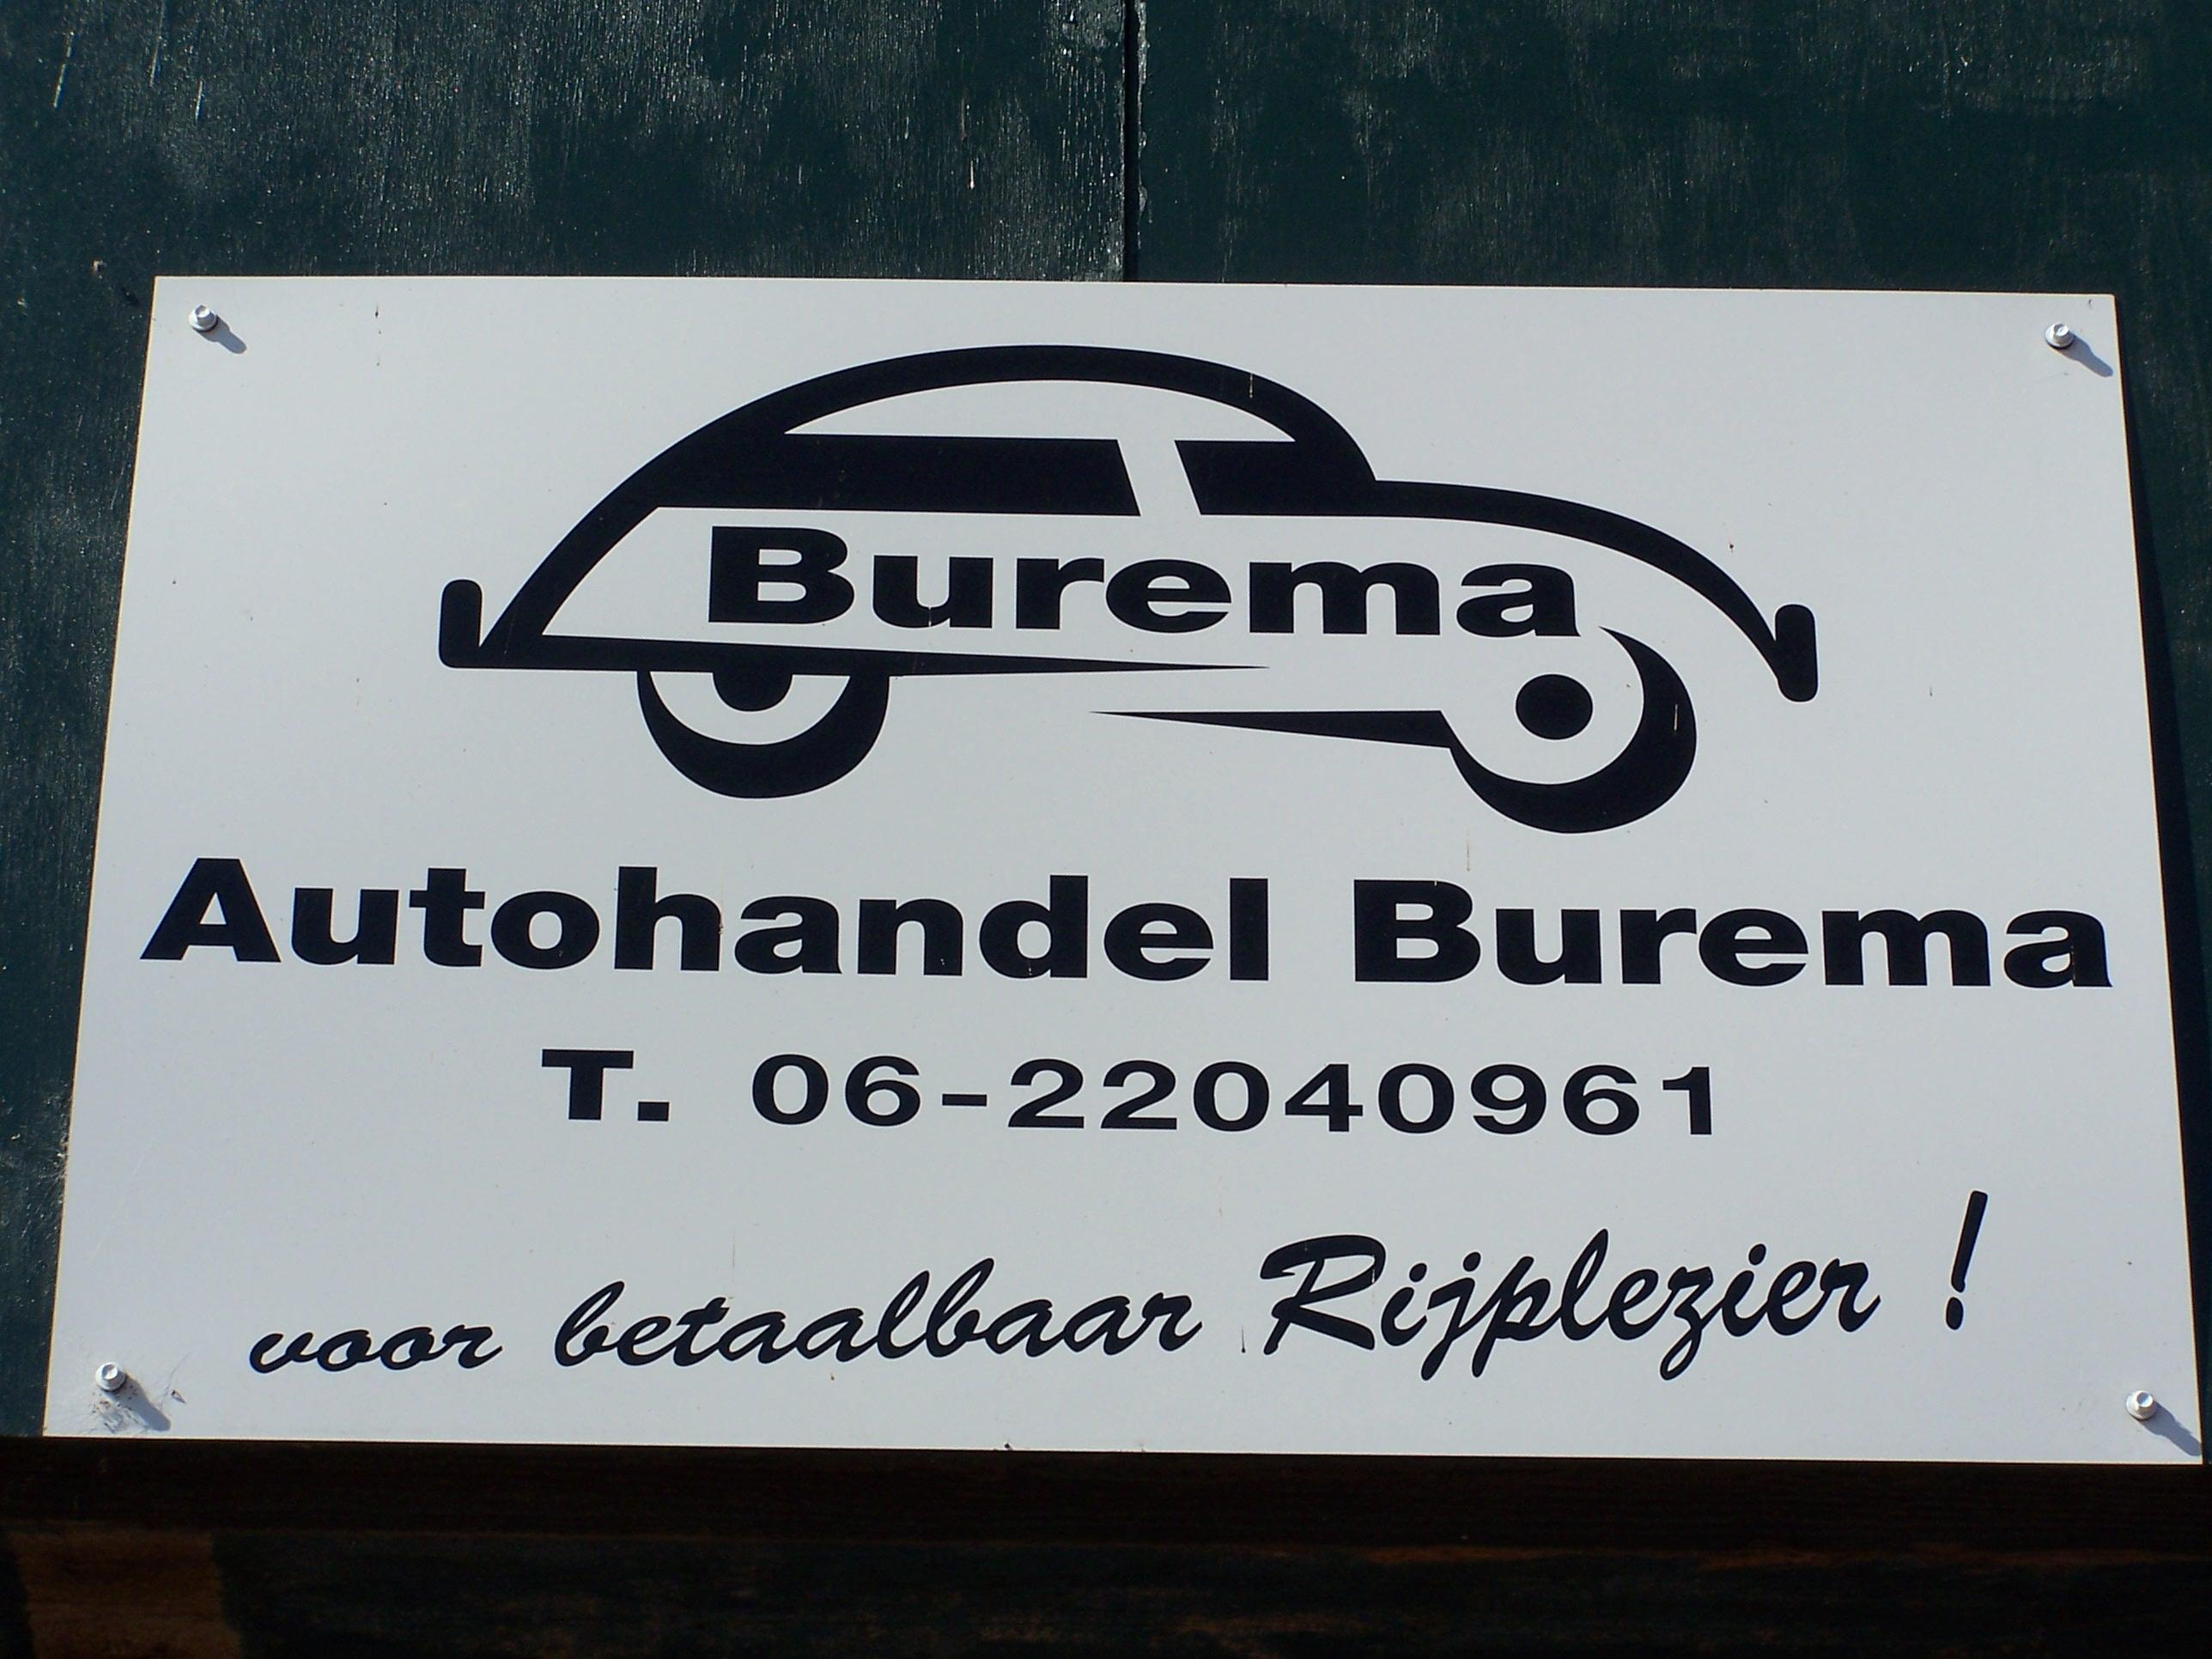 Autohandel Burema